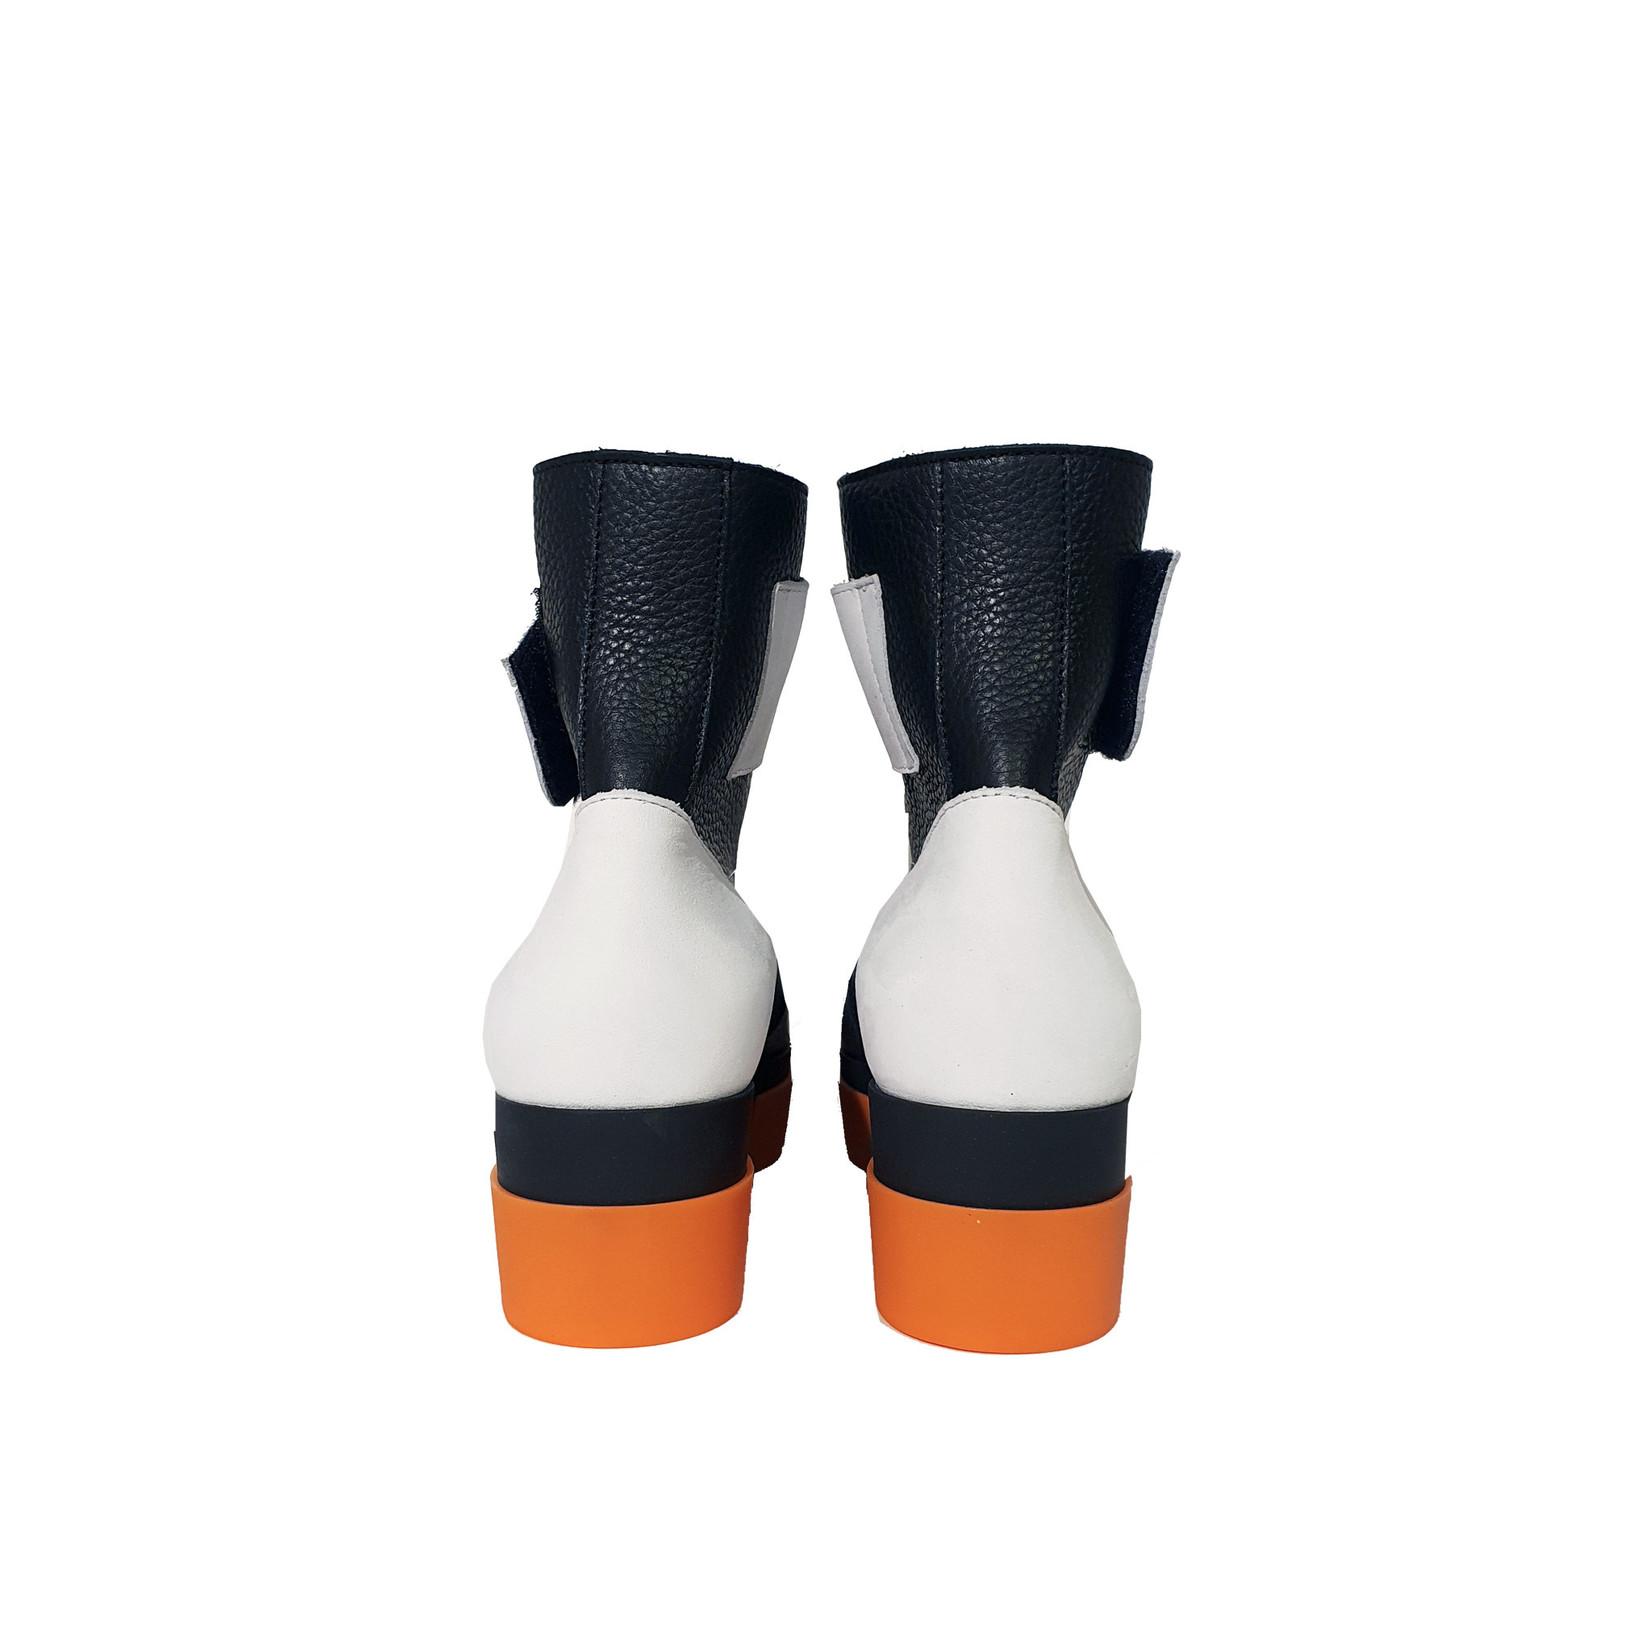 enkellaarsje Fylizz zwart/oranje